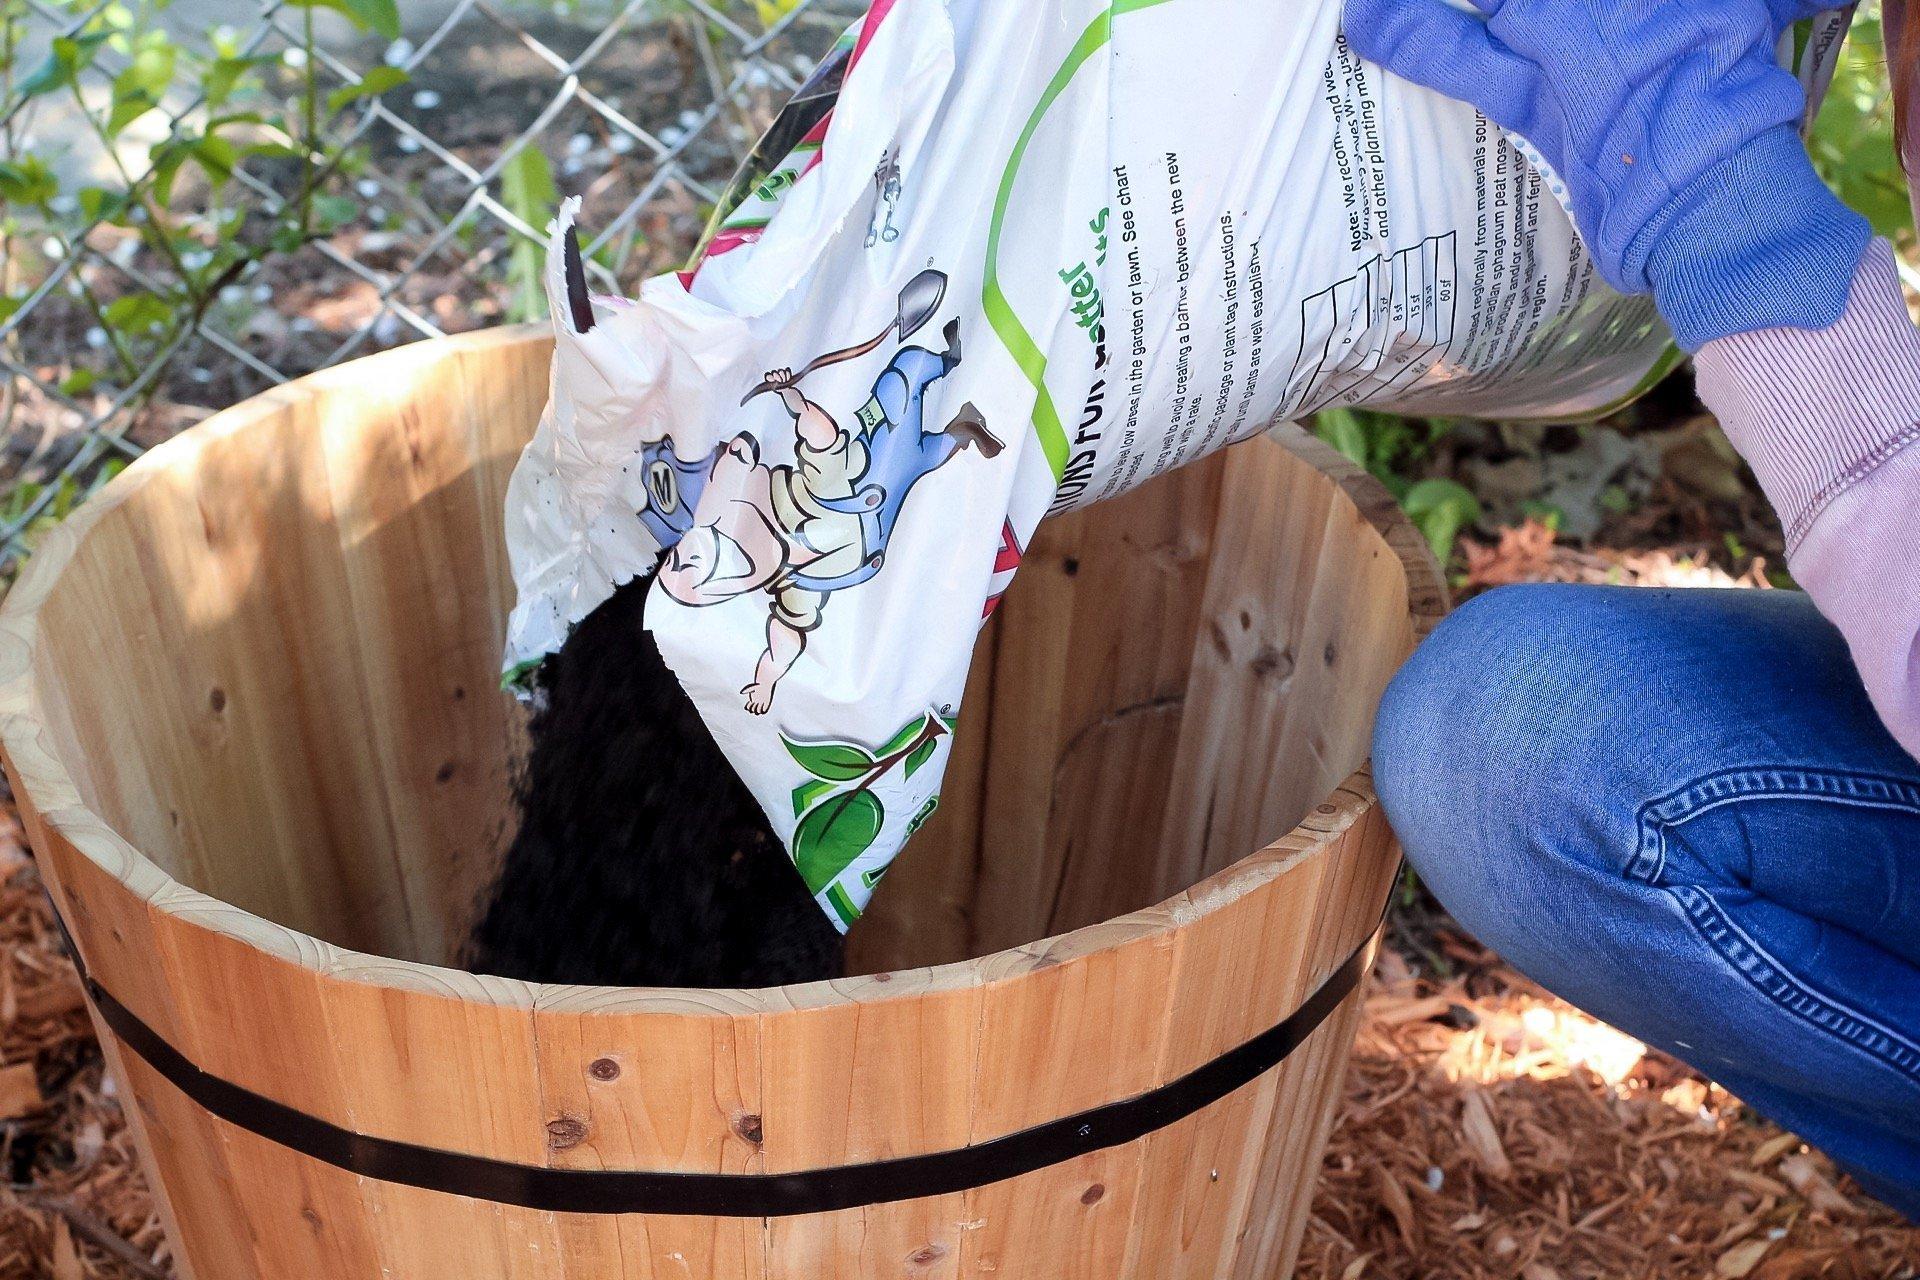 gardening tips - filling barrel